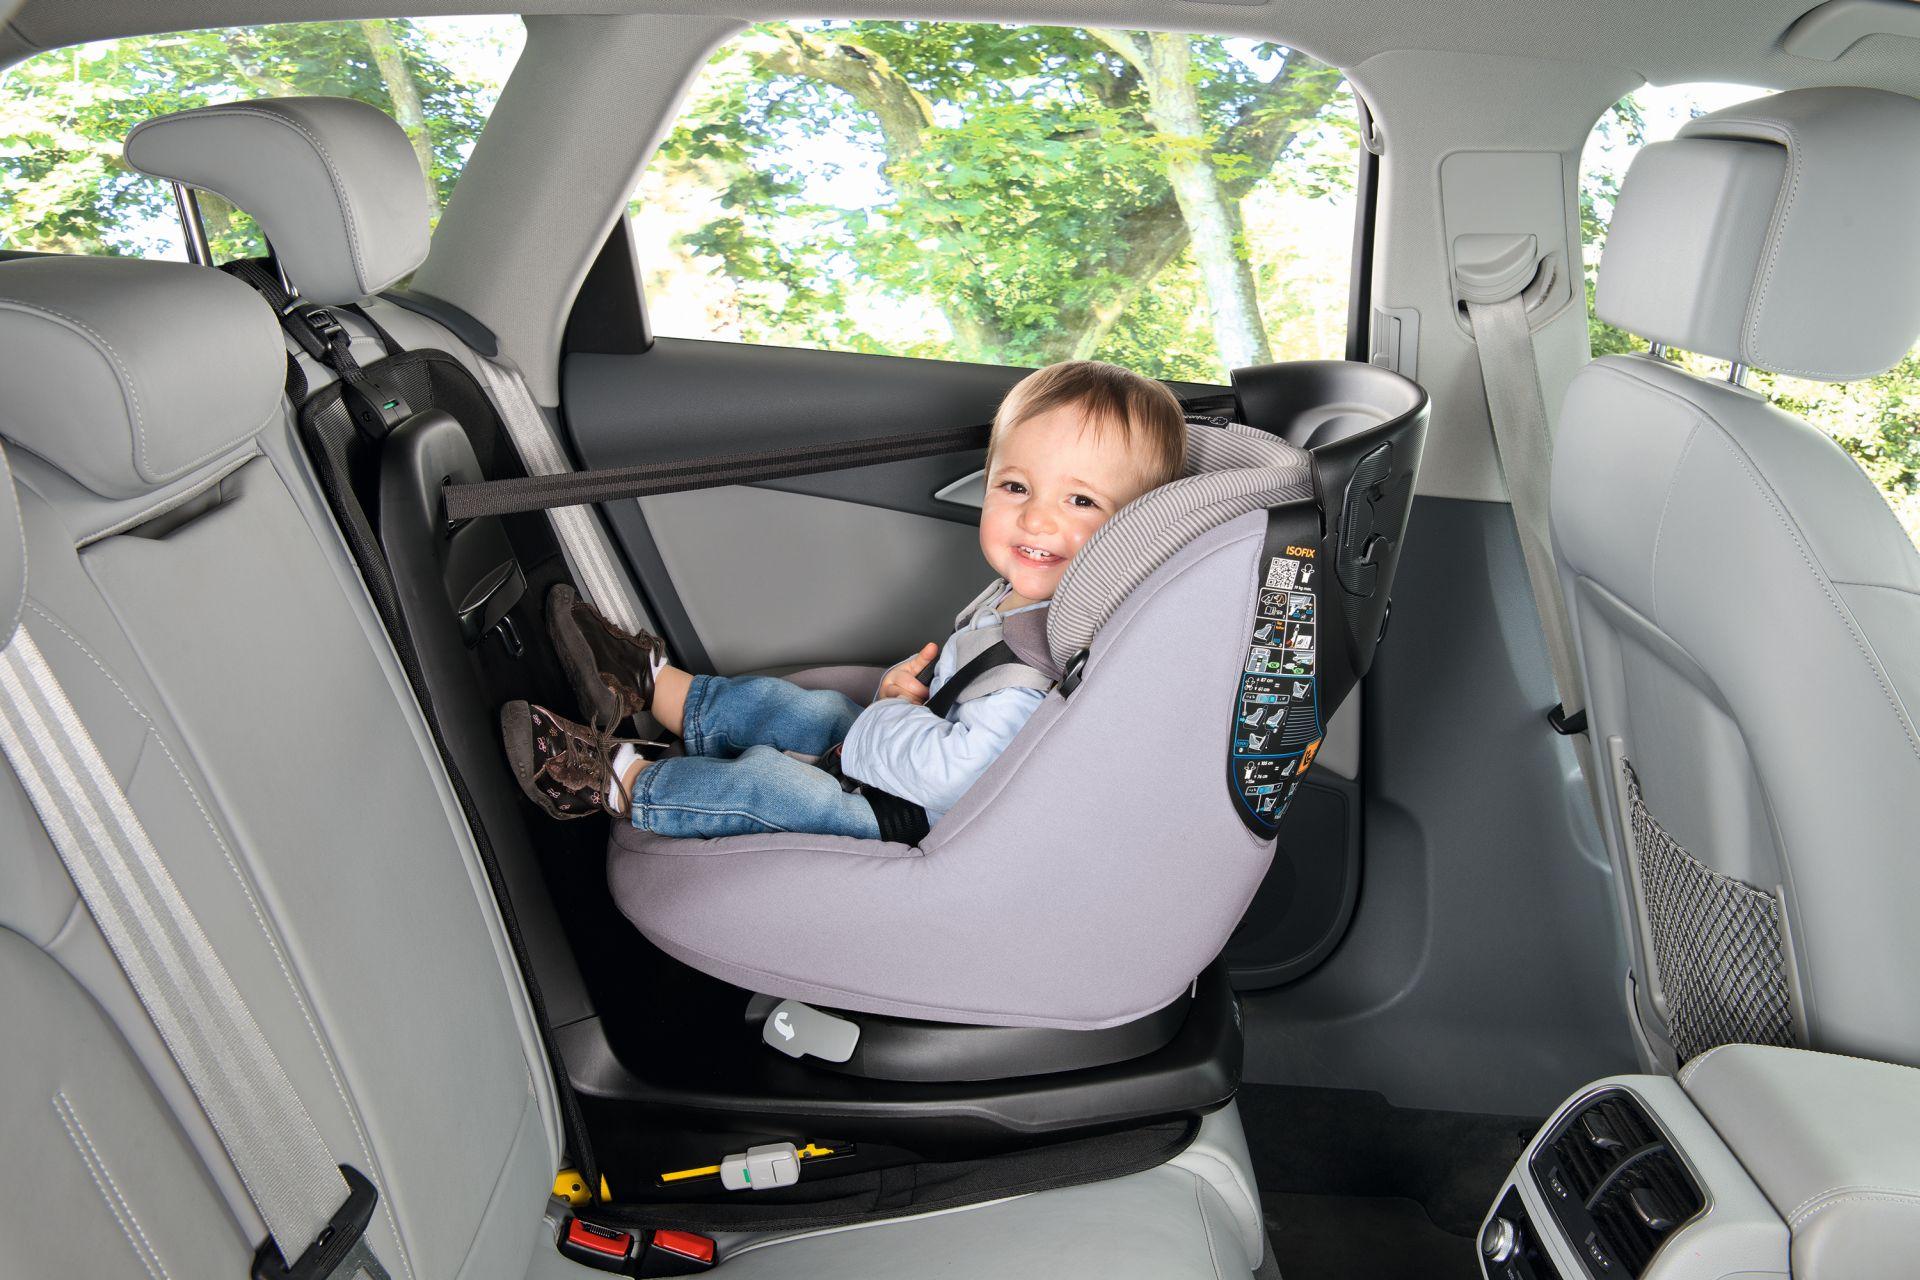 Car Seat Protector >> Maxi-Cosi Back Seat Protector - Buy at kidsroom | Car Seats